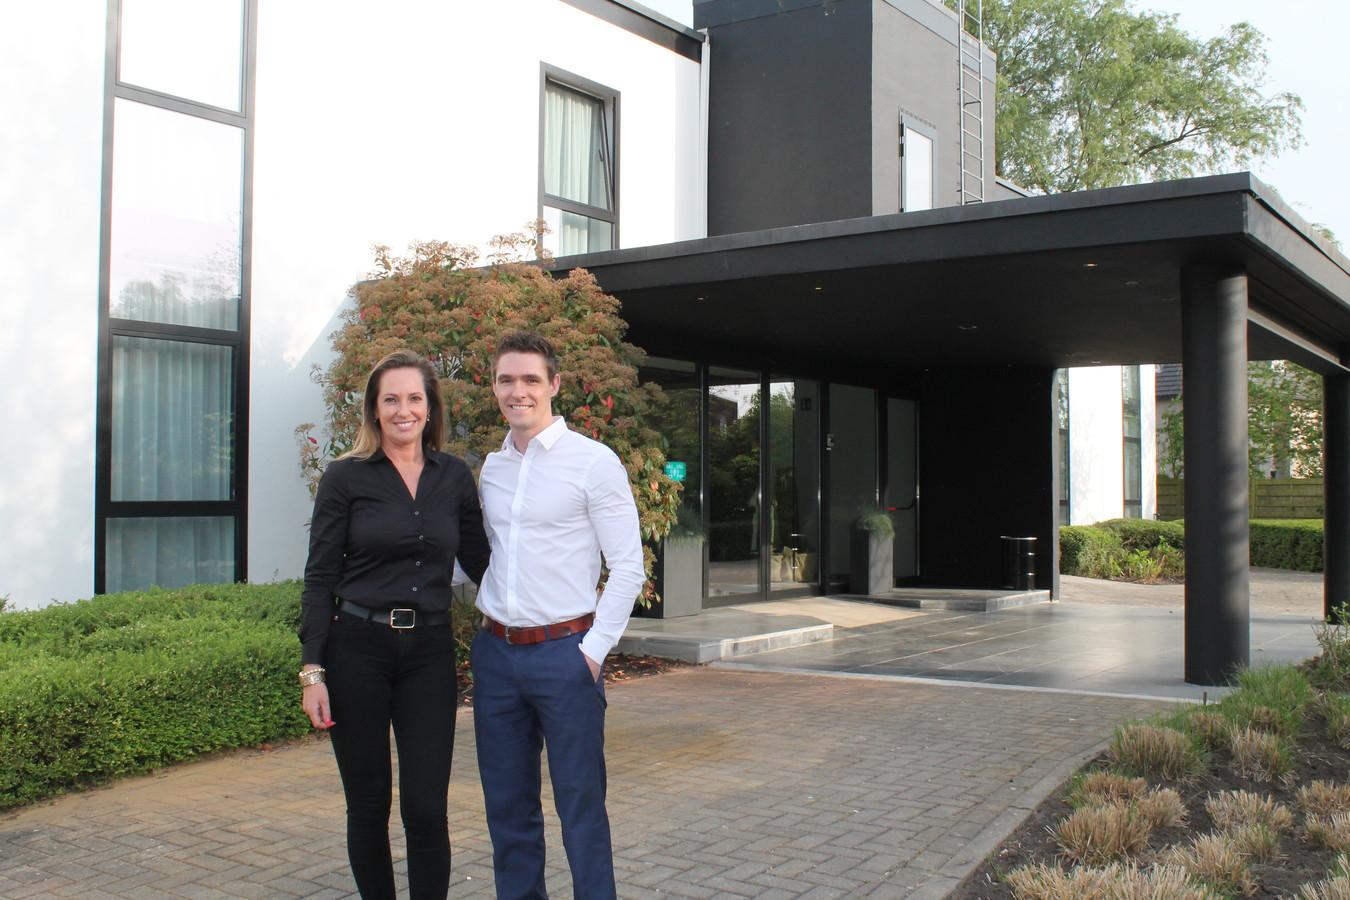 Vicky Van Houdt en Jorn Wittevrongel voor de inkom van B-Inn.